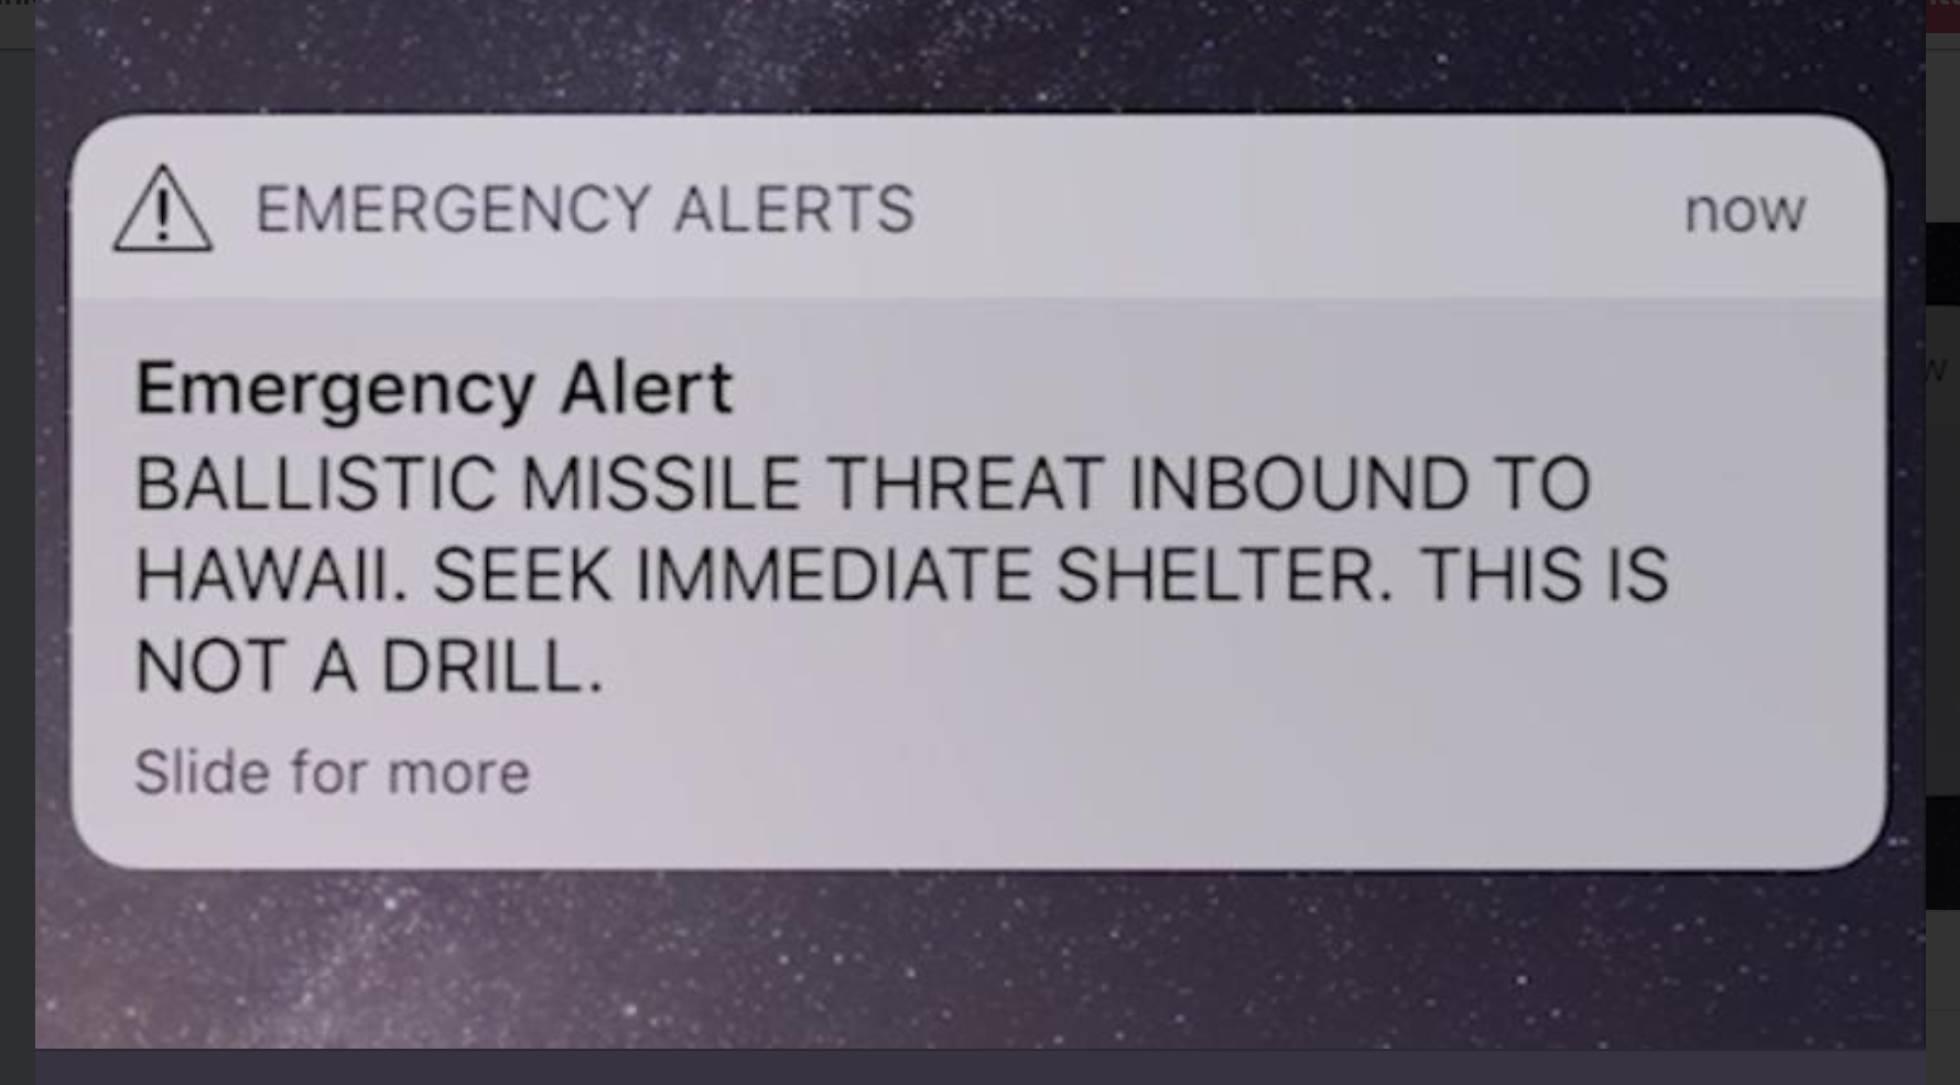 Los hawaianos recibieron este mensaje en sus teléfonos celulares